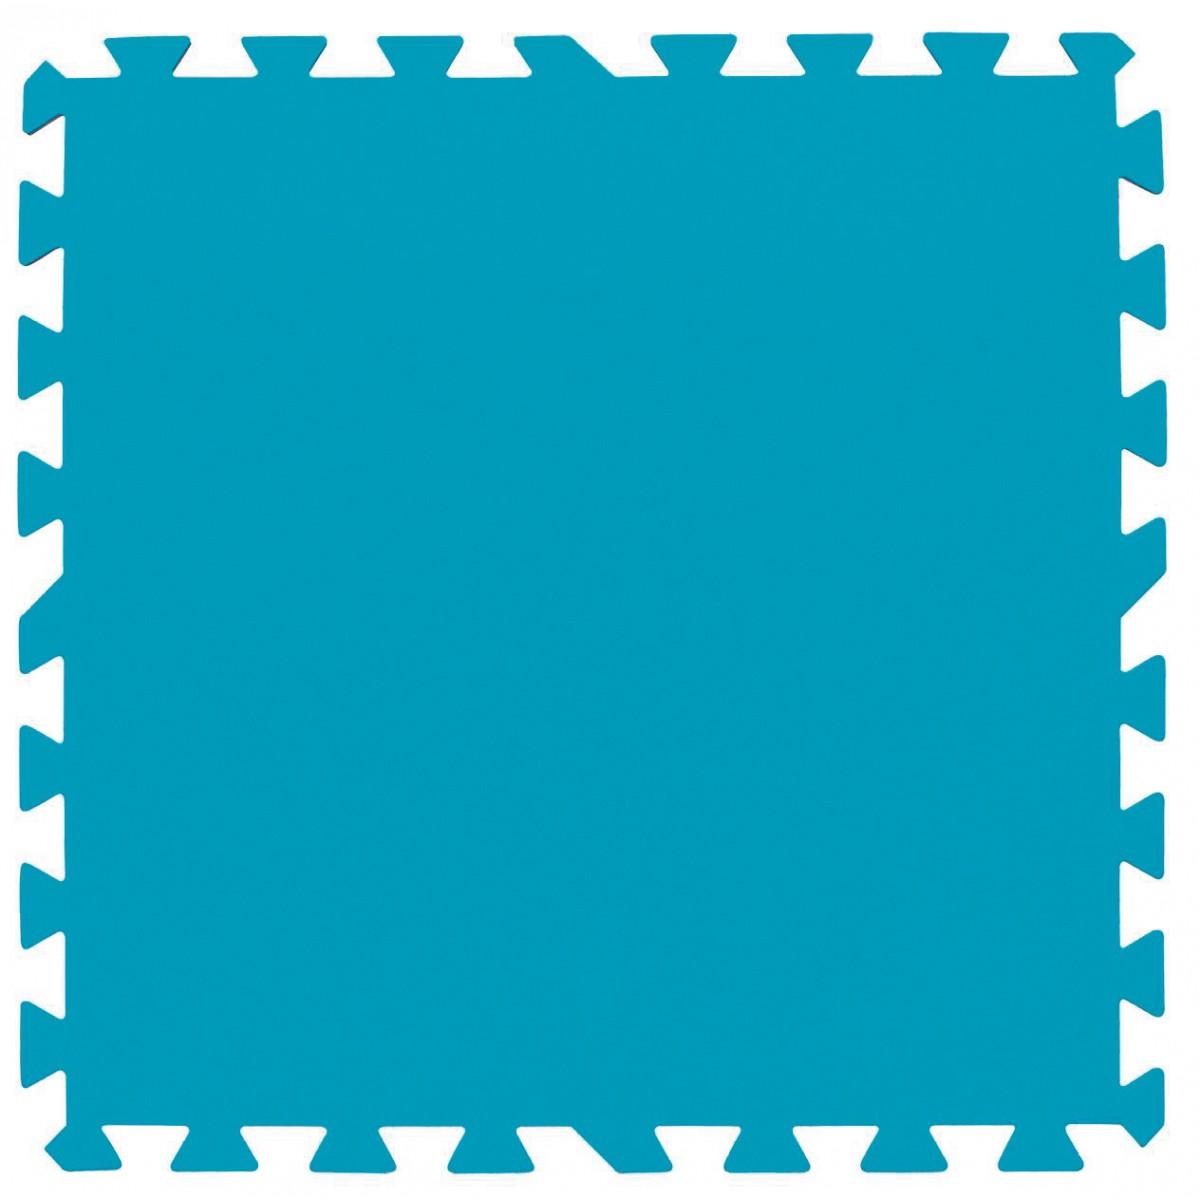 Lot de 9 tapis de protection pré-formés Bestway - 50 x 50 cm - Bleu